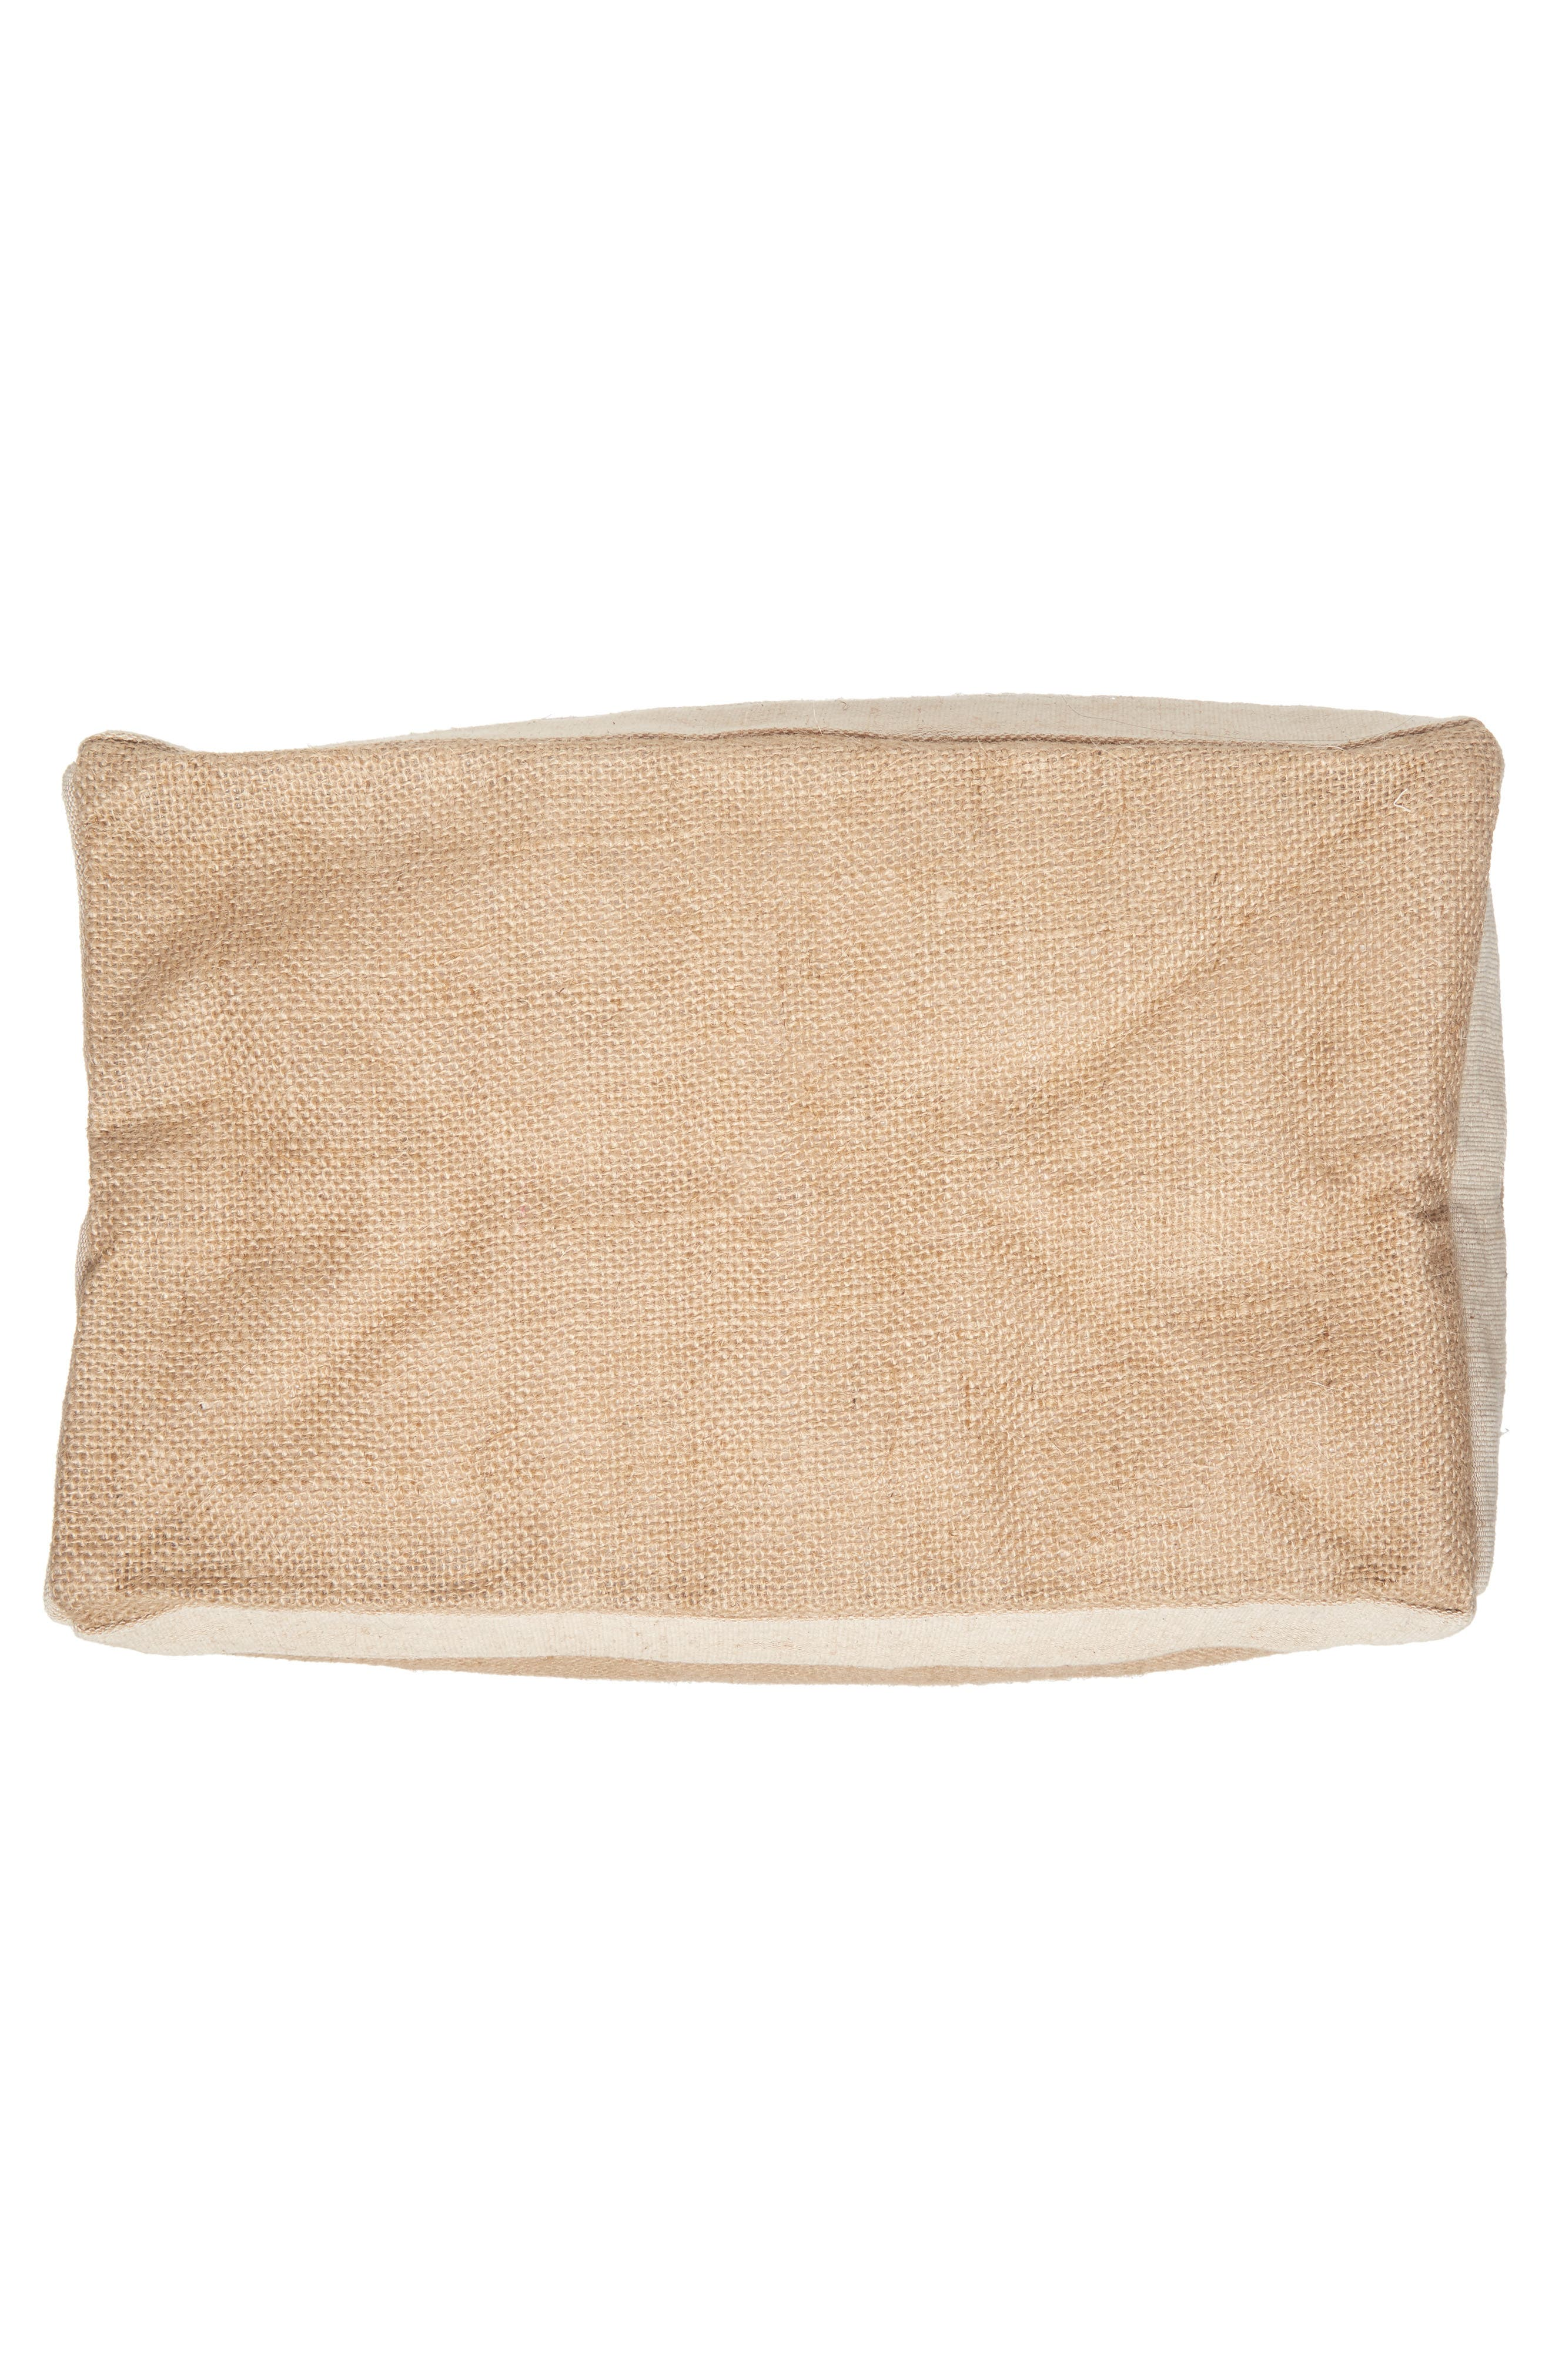 Vancouver Simple Market Bag,                             Alternate thumbnail 6, color,                             200